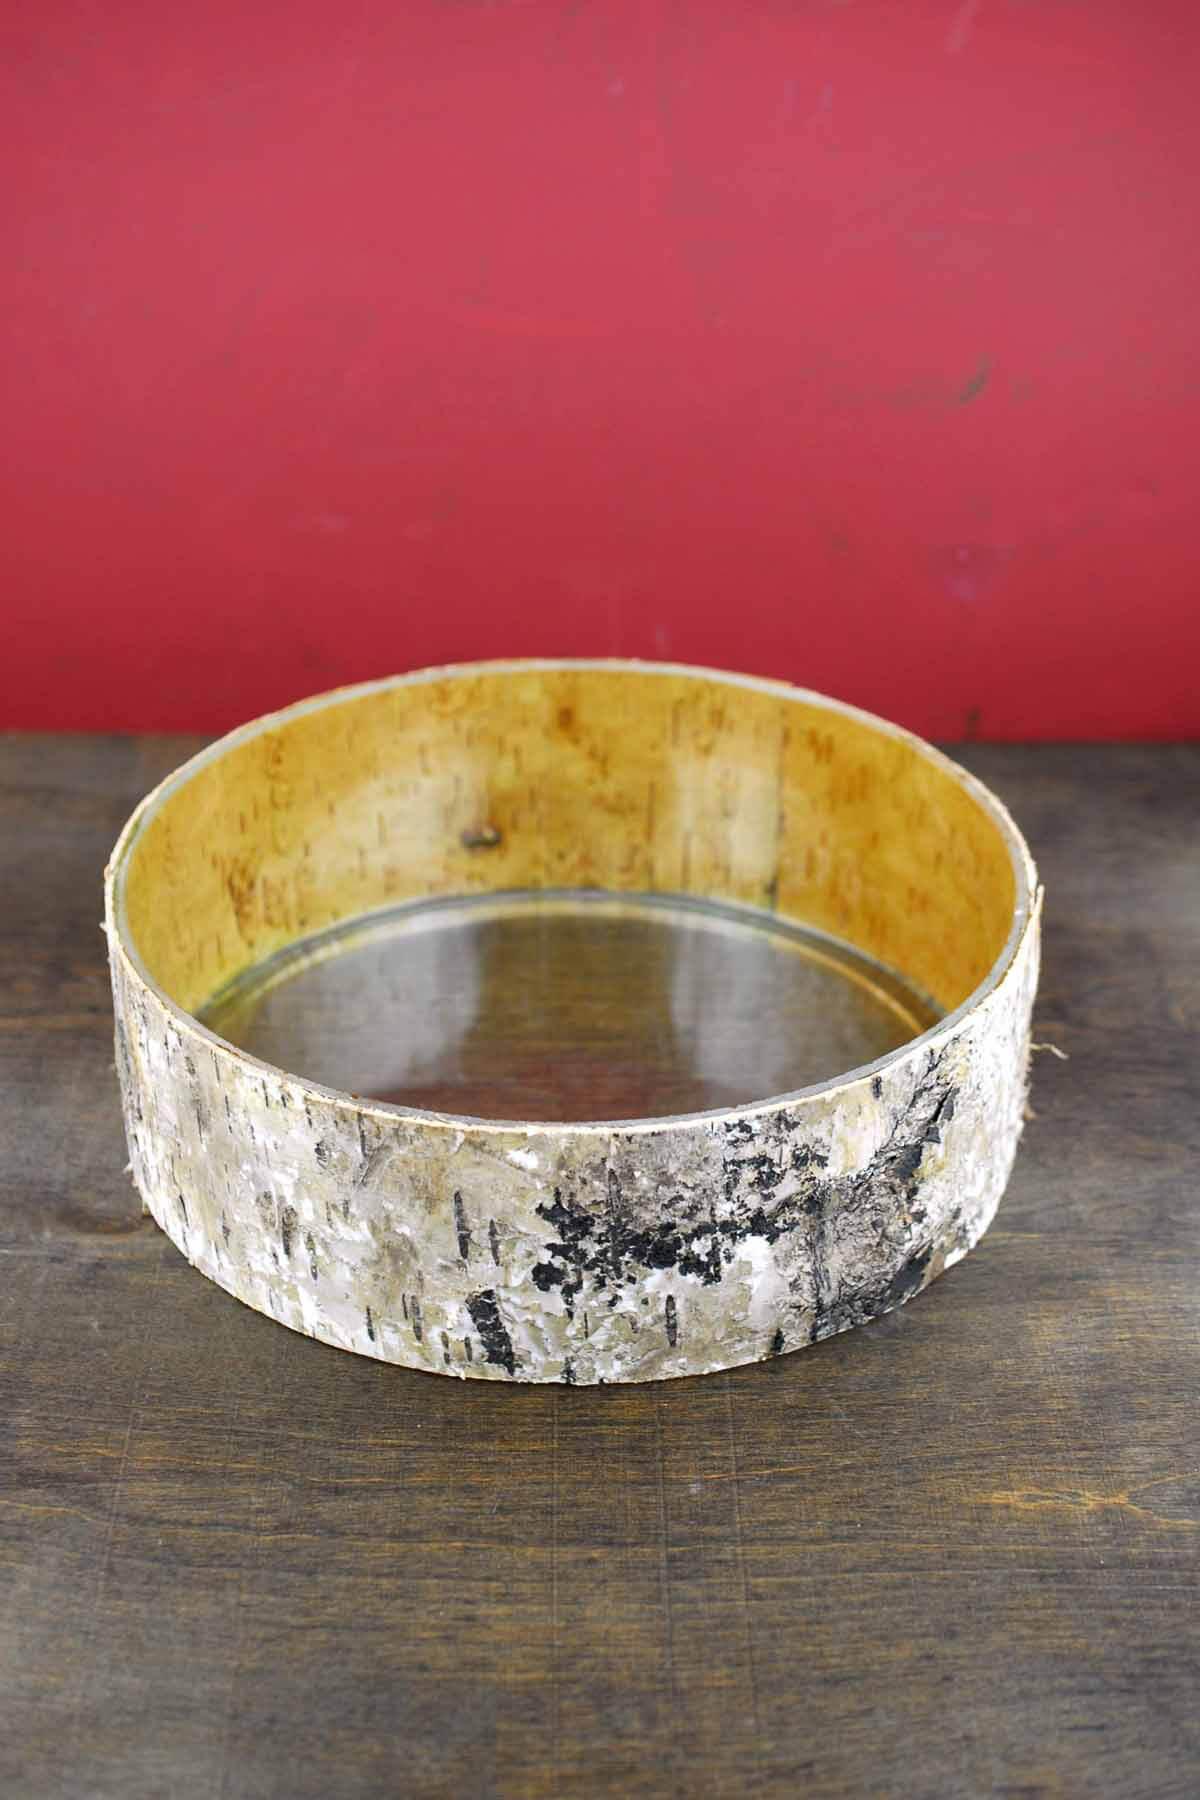 Birch Bark Wrapped Glass 10 Bowl